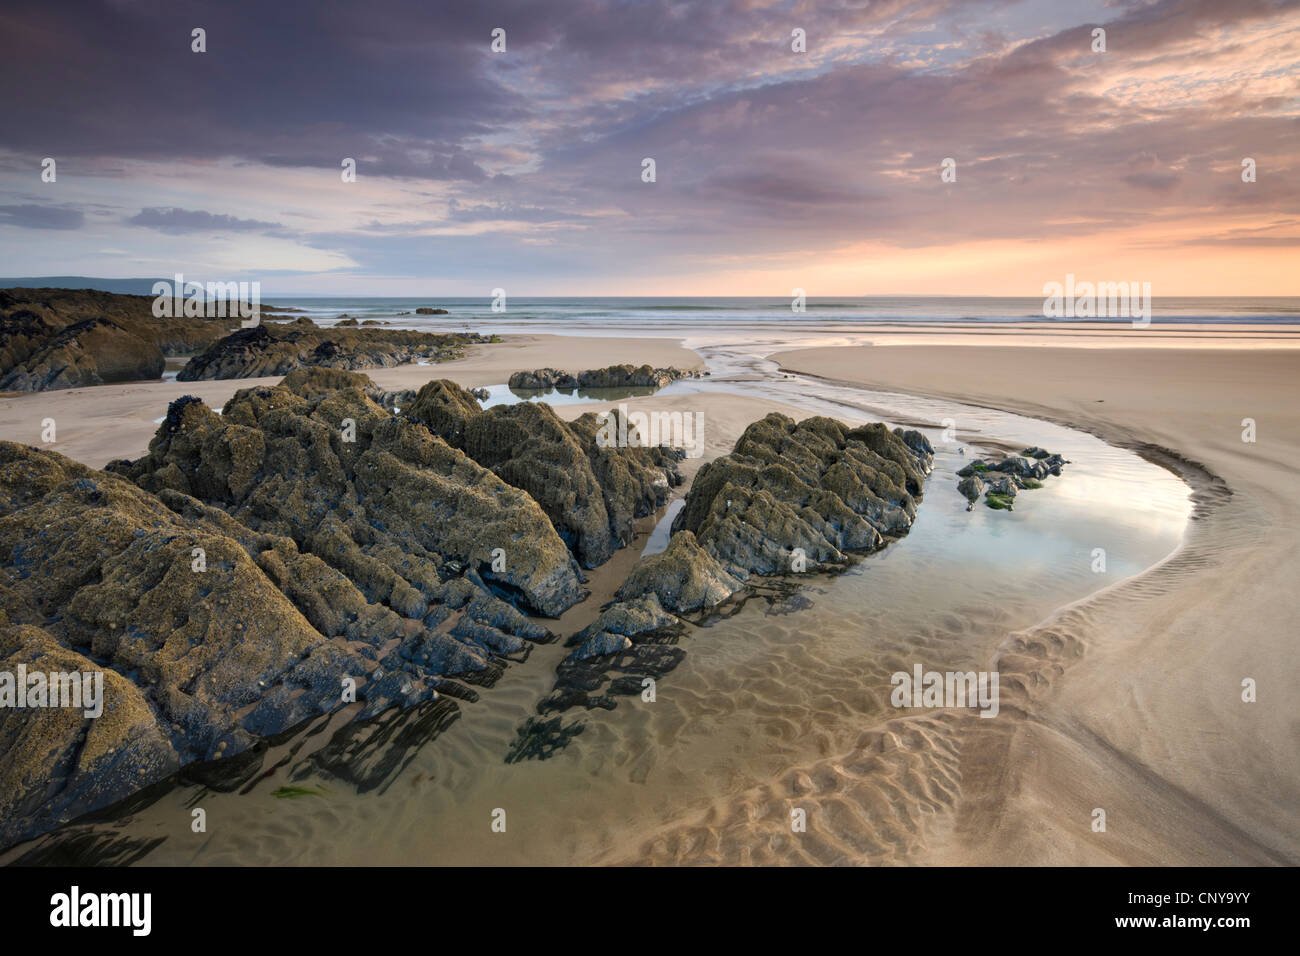 Atardecer en la playa de arena y rocas en Combesgate, Woolacombe, Devon, Inglaterra. Verano (Junio) de 2010. Imagen De Stock